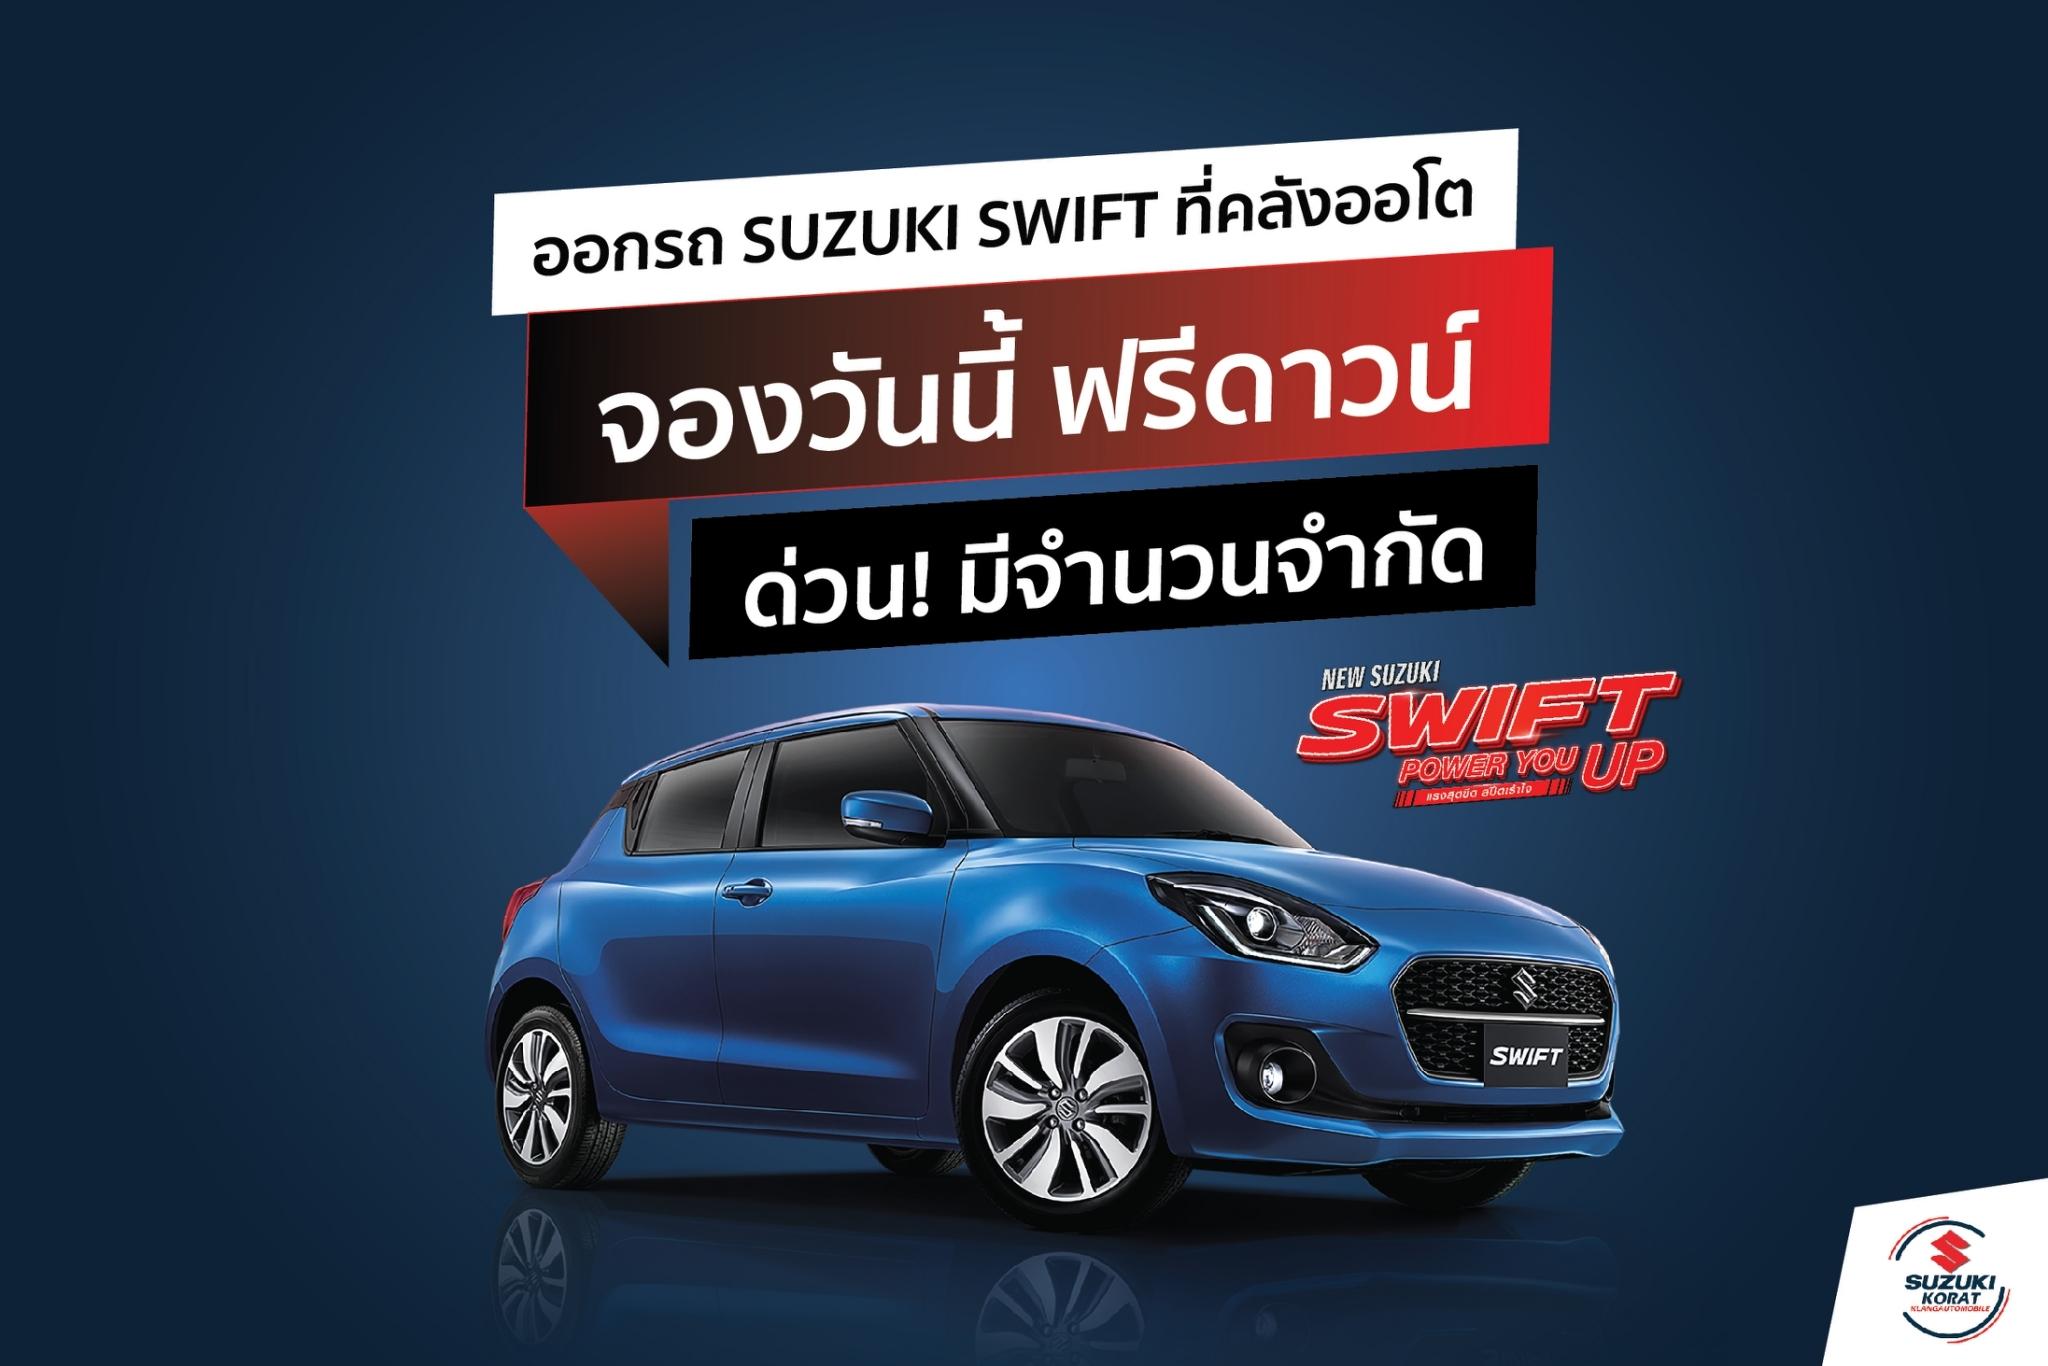 ออกรถ Suzuki Swift ที่คลังออโต จองวันนี้ ฟรีดาวน์ ด่วน! มีจำนวนจำกัด